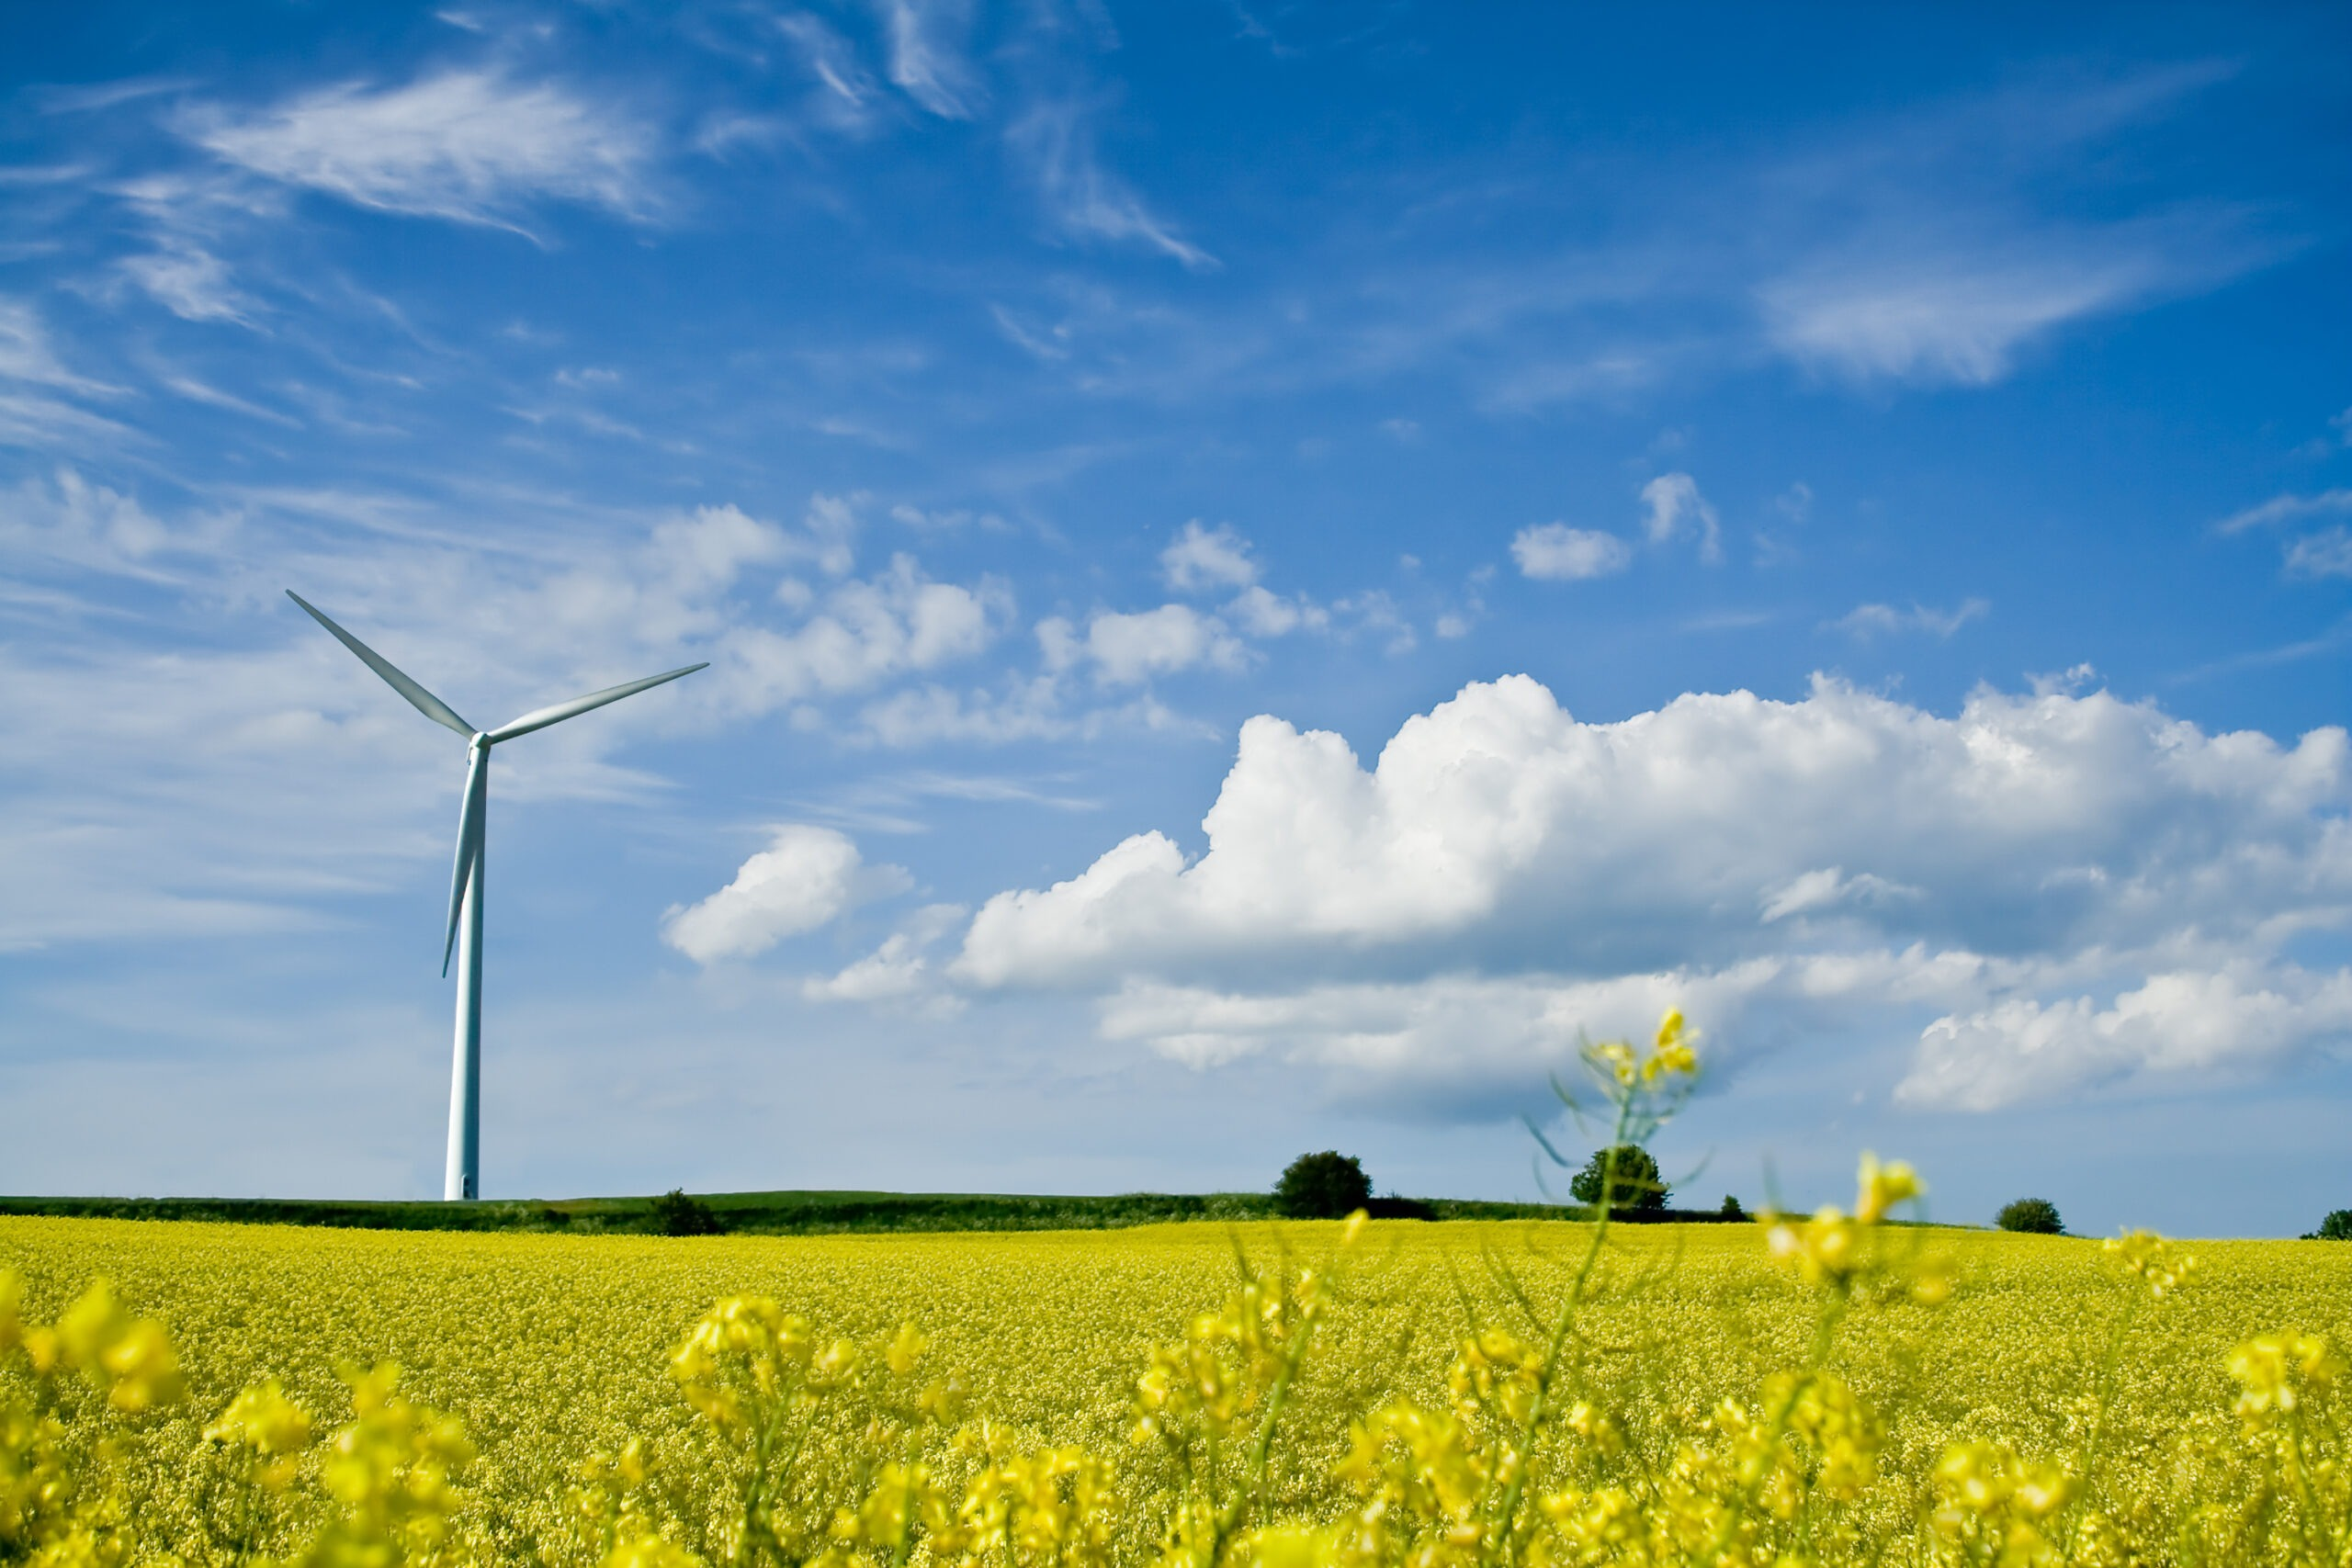 Fristen nærmer sig: Landsbytopmøde 2020 sætter fokus på grøn omstilling